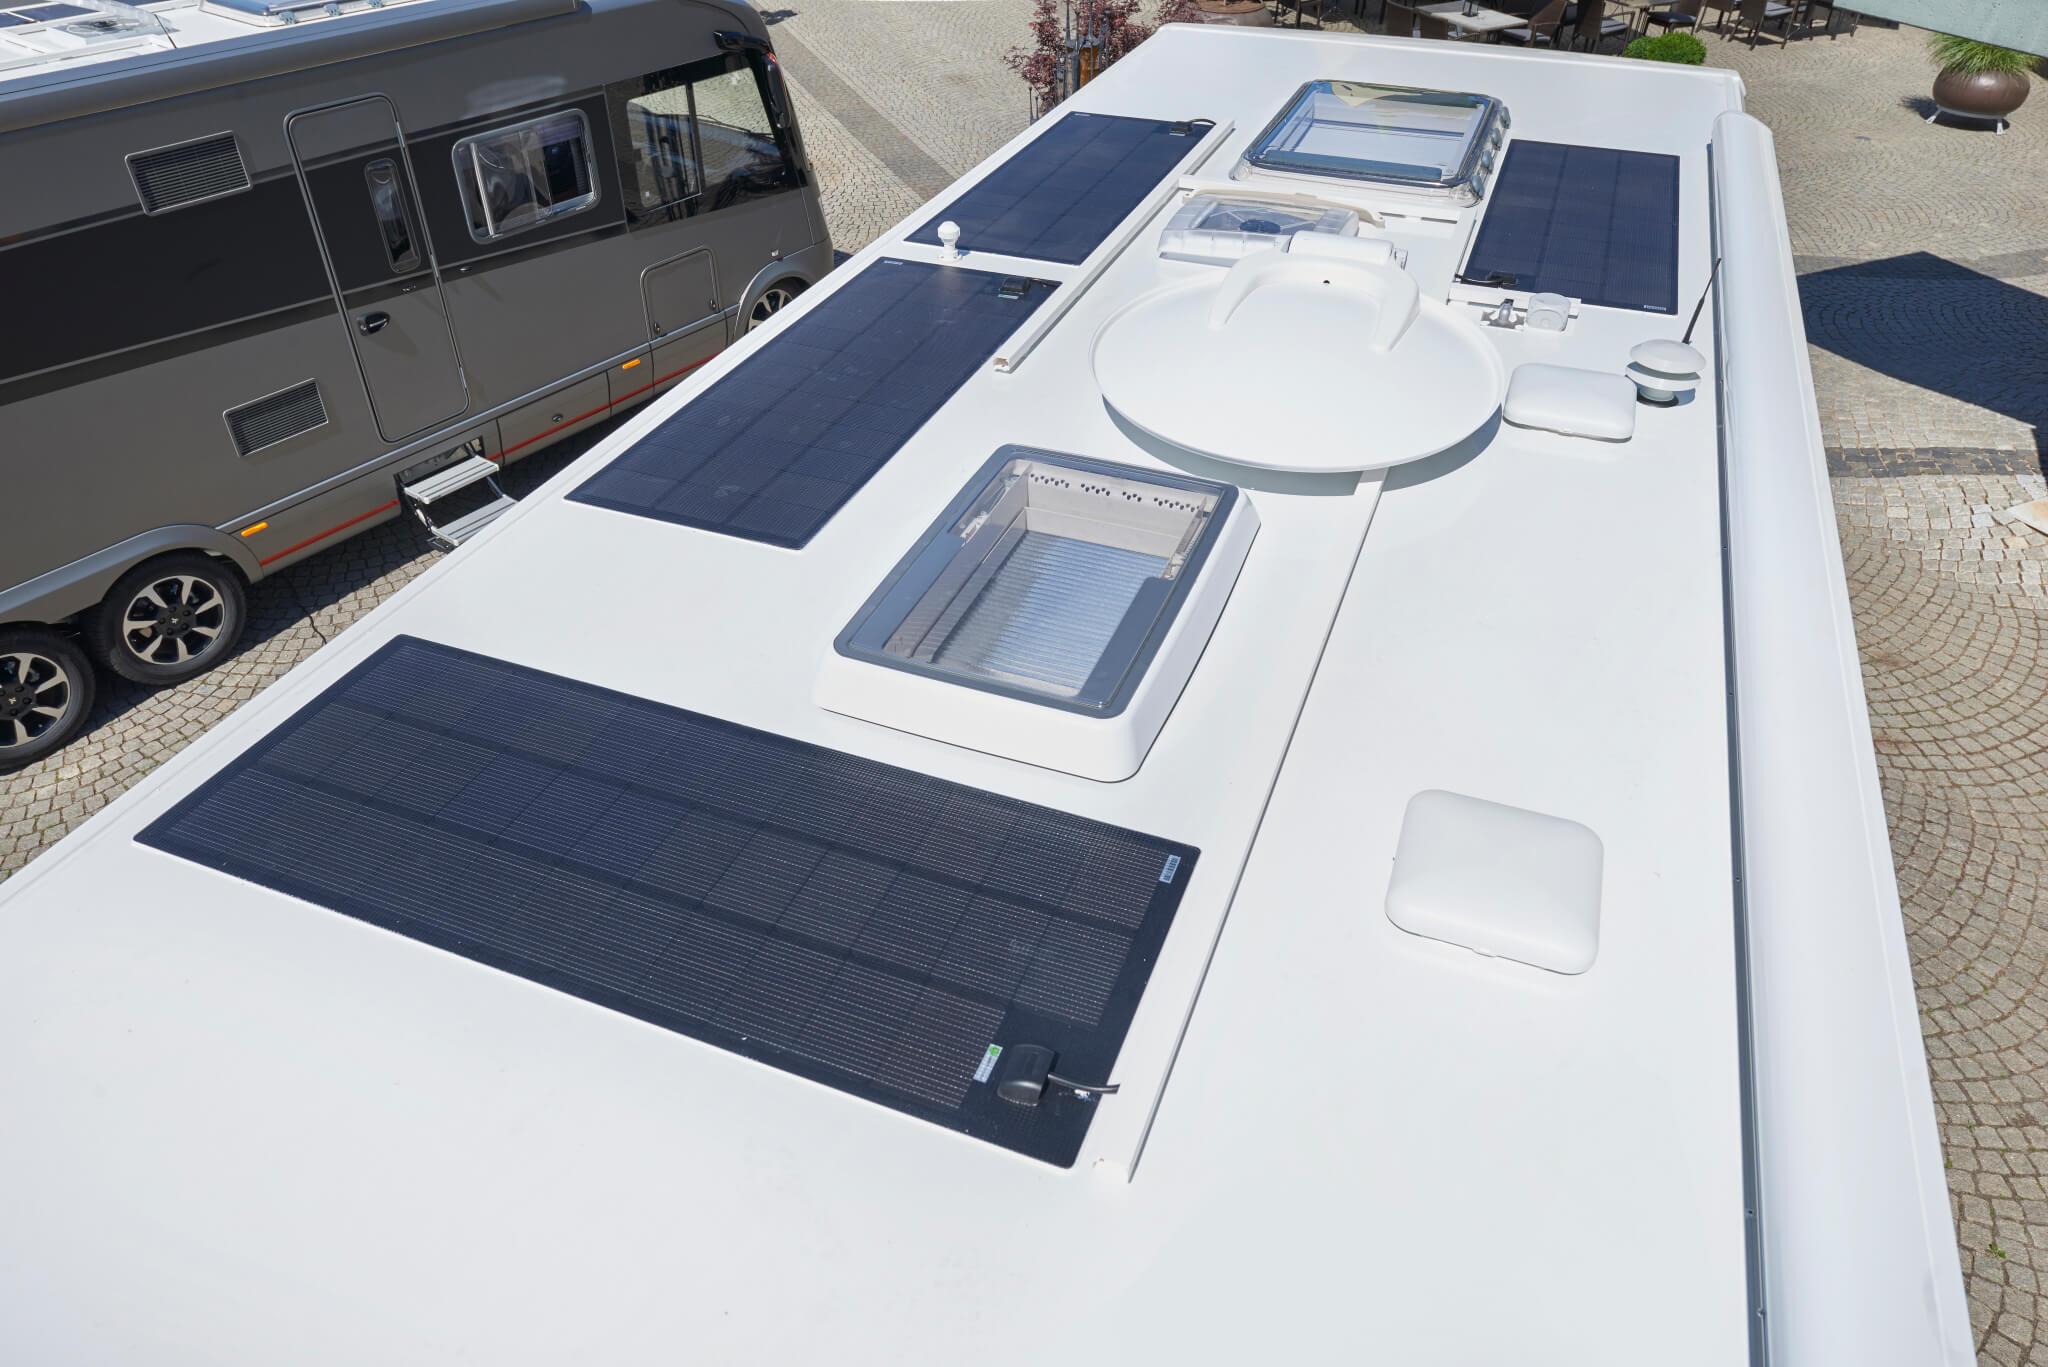 NIESMANN+BISCHOFF - Flair - Flair 920 LW - Vier Solarpanele - Teil des Lithium Energie Pakets